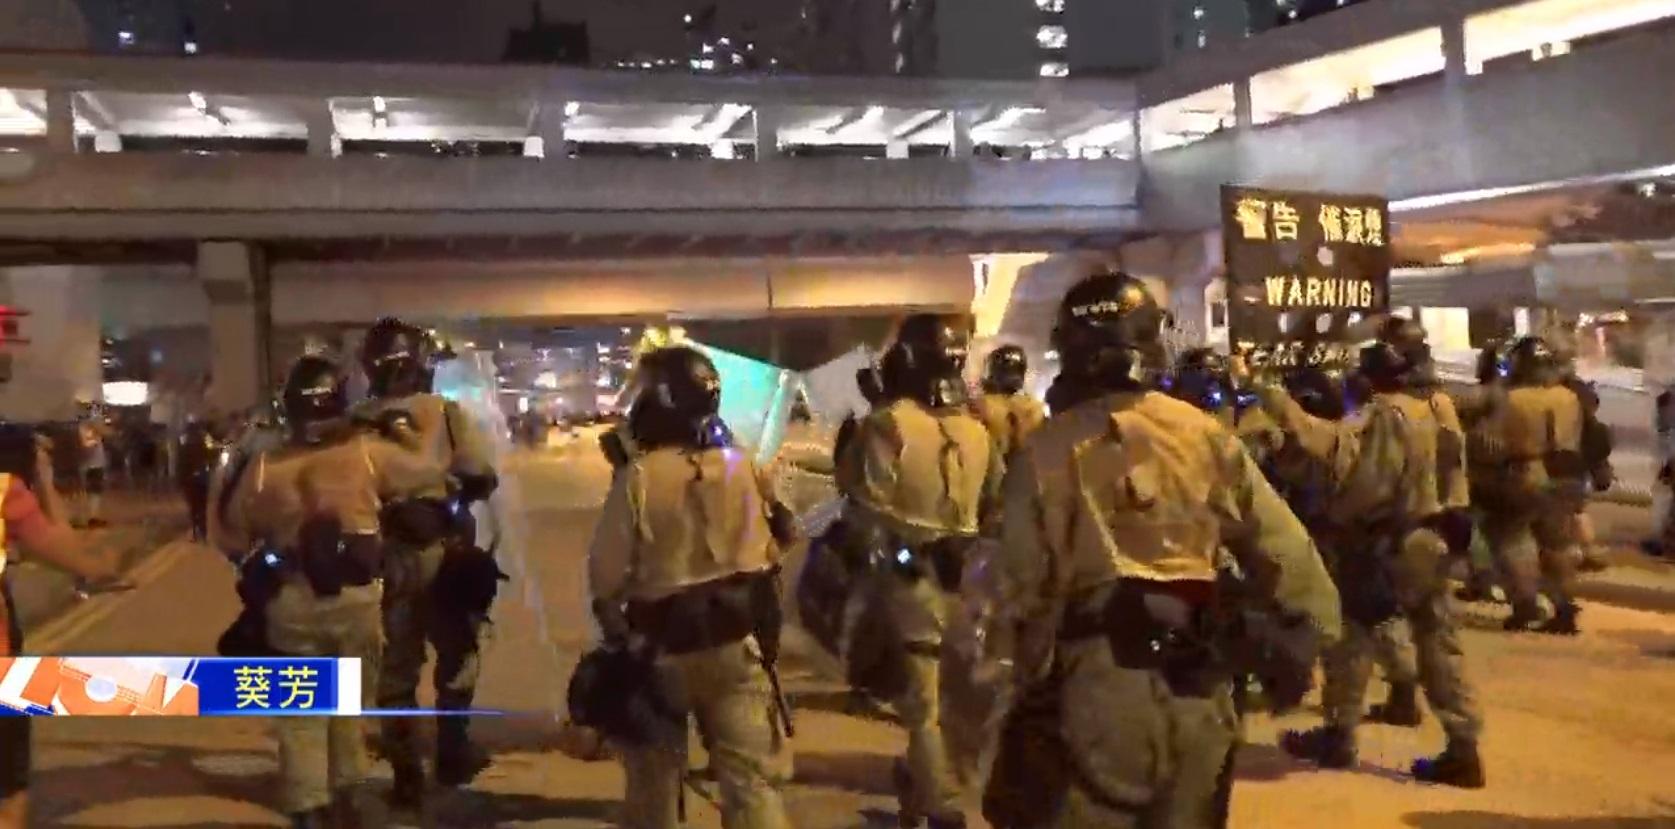 警察射催淚彈驅散。NOW新聞截圖